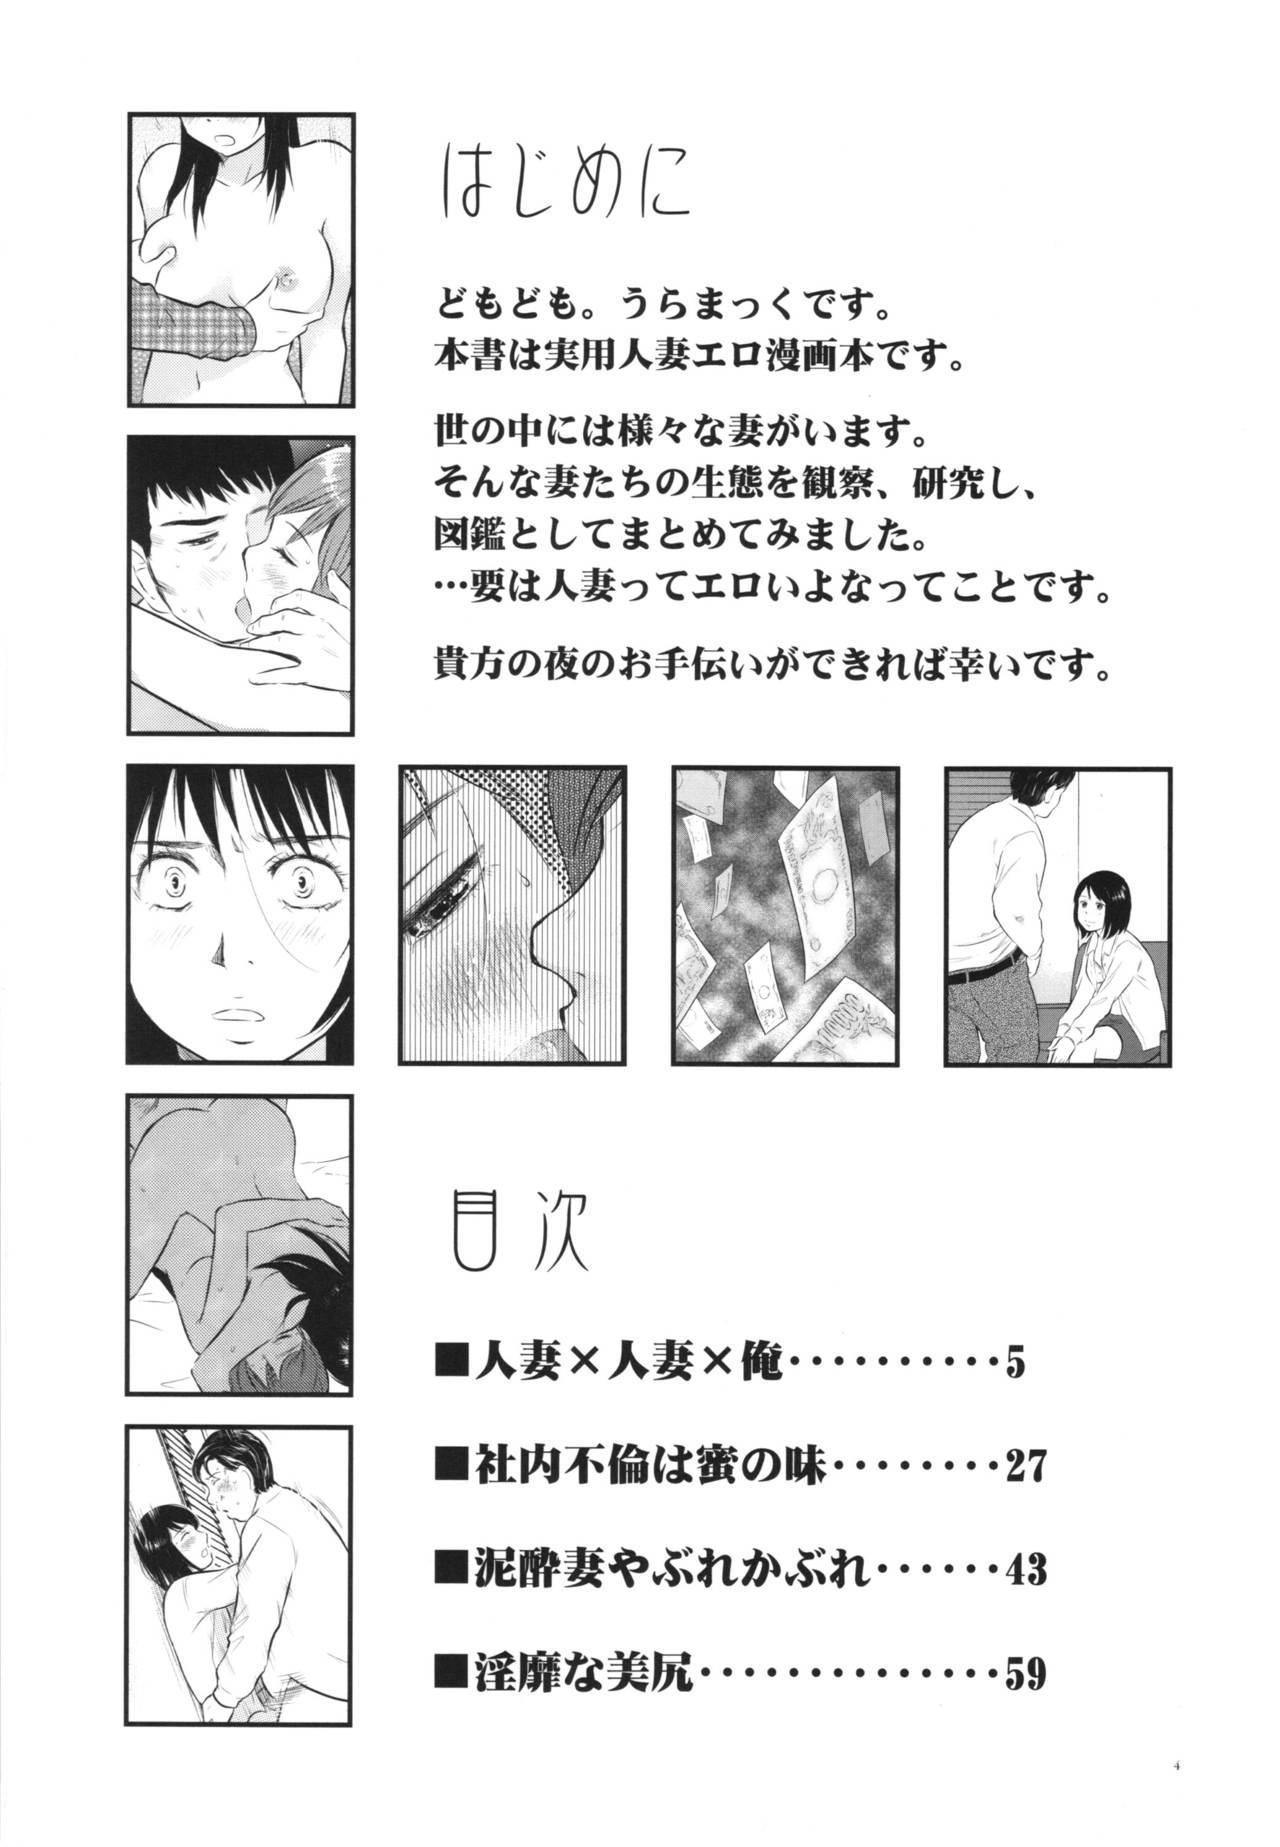 Hitozuma Zukan 2 3